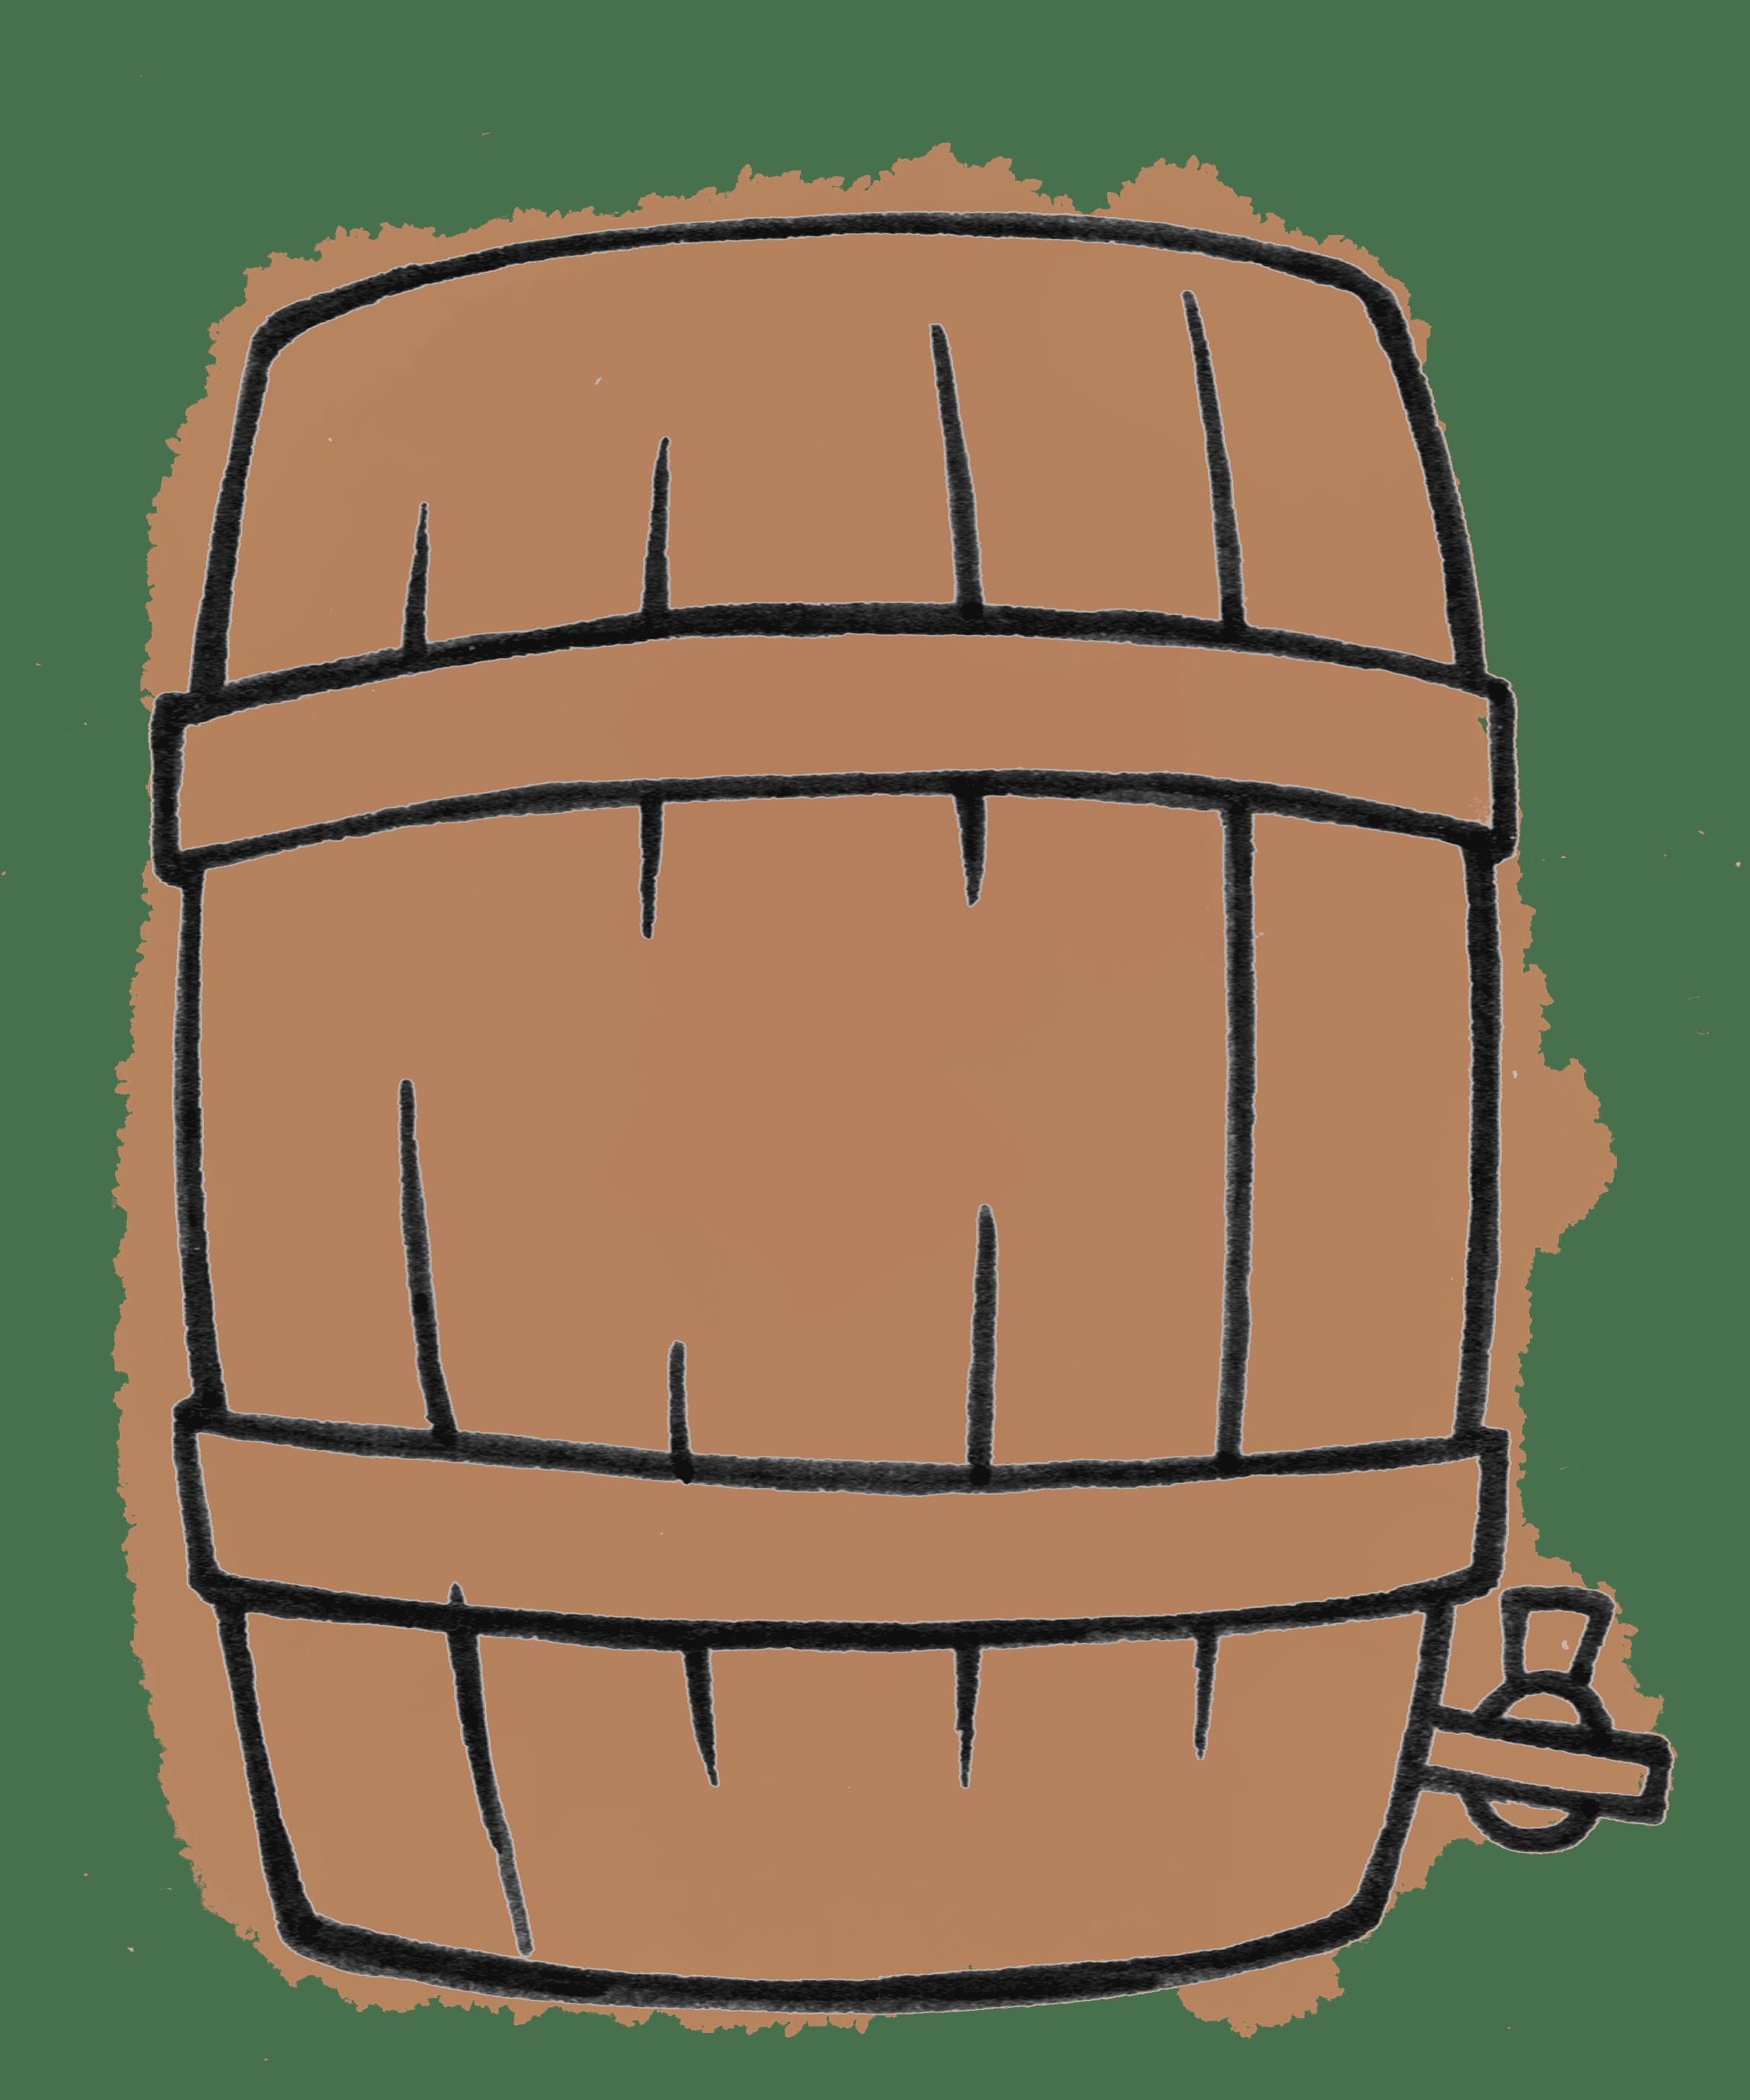 Dessin tonneau vin